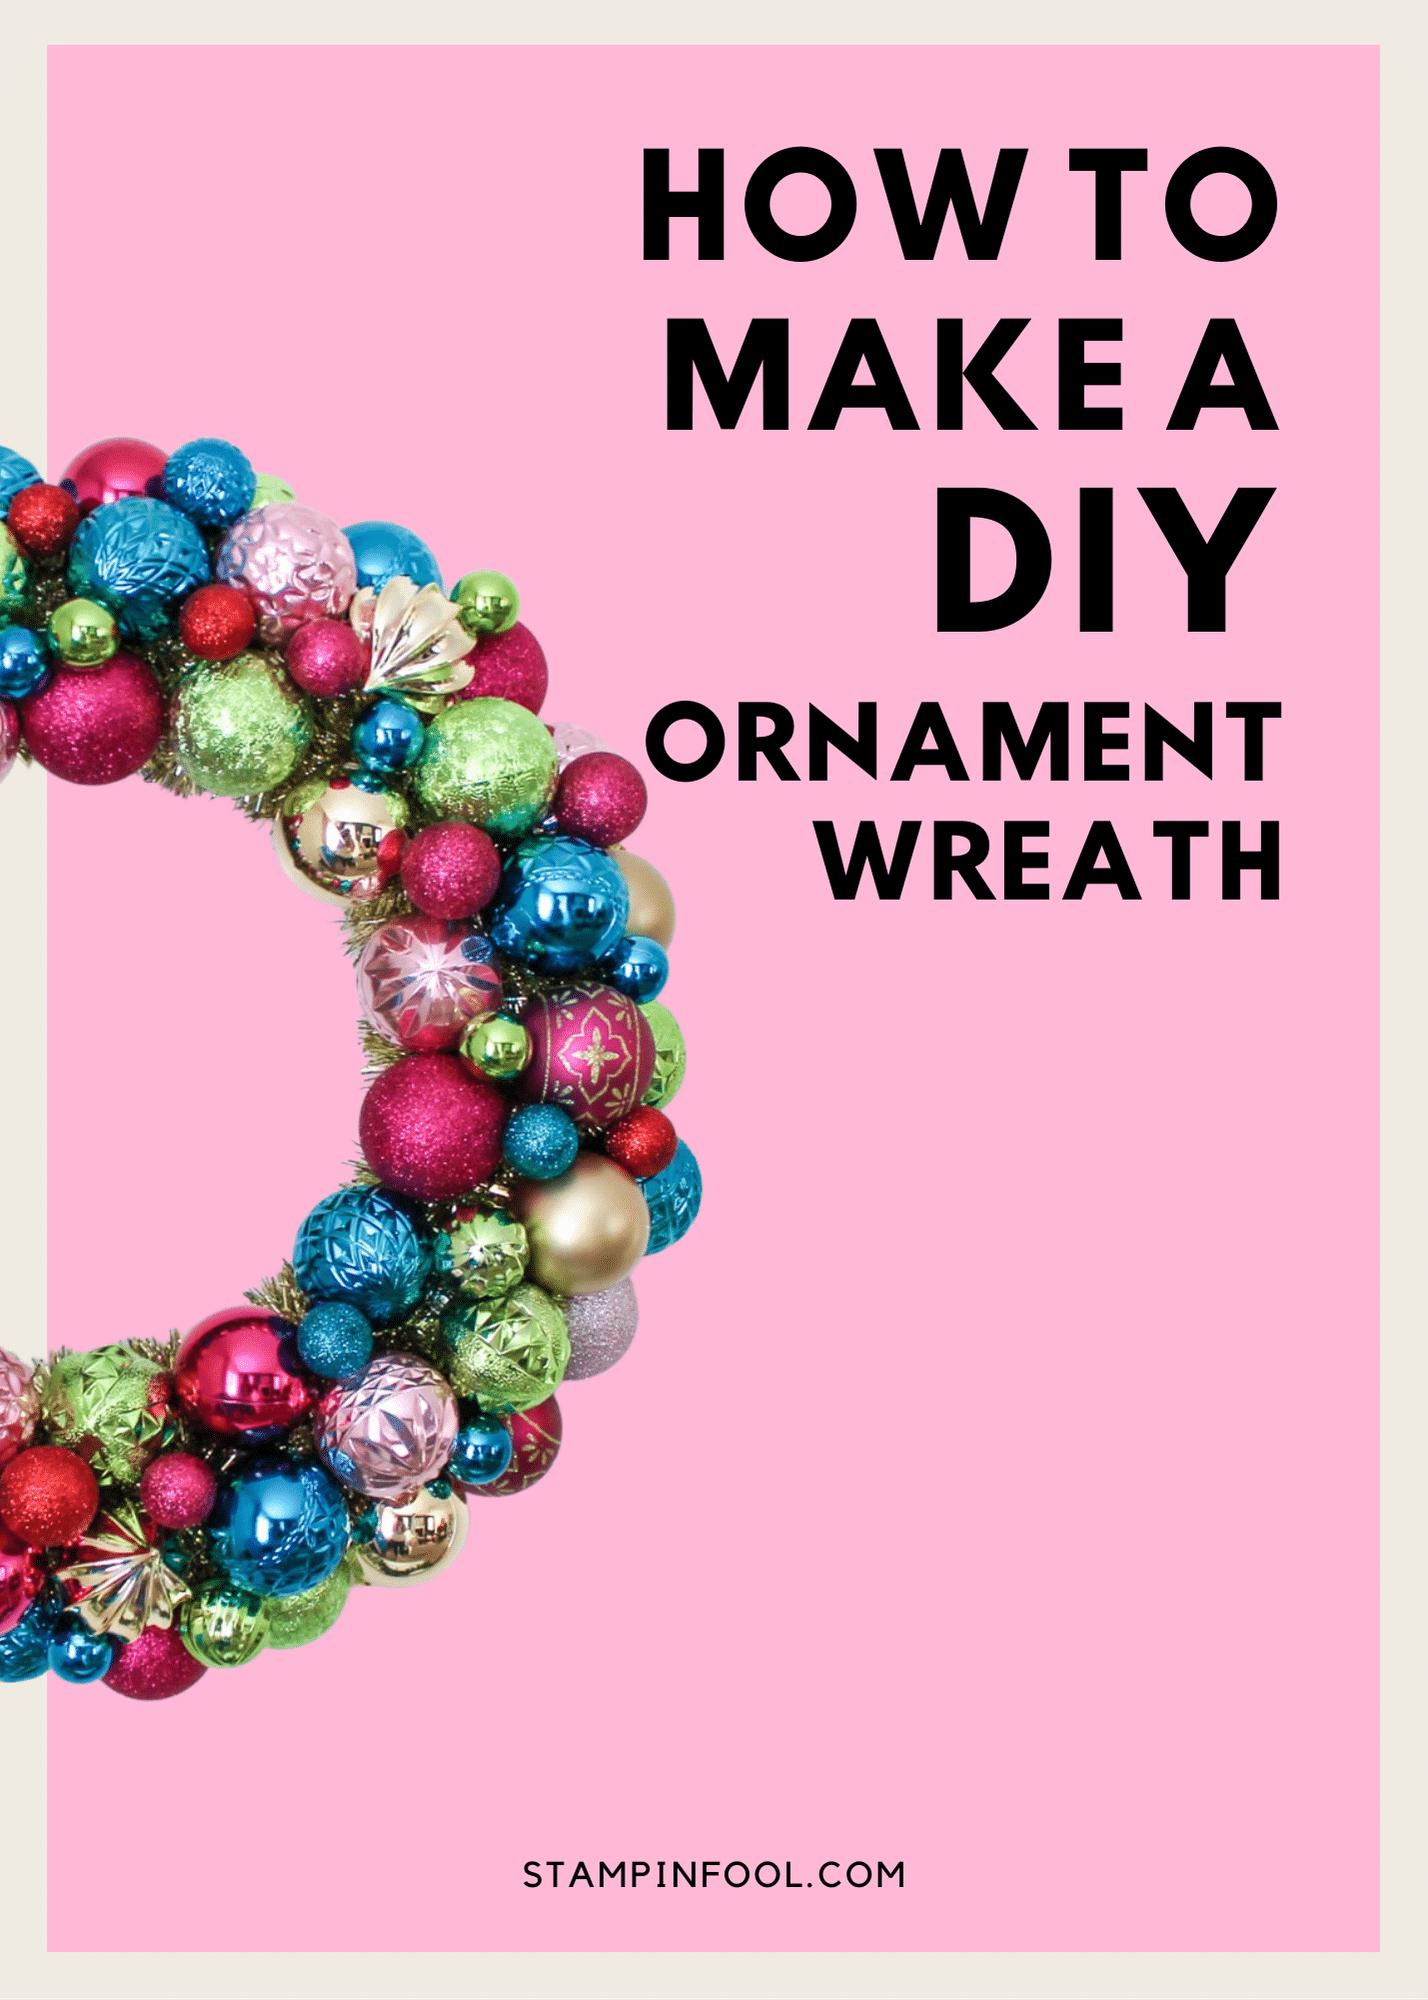 How to Make a Big, DIY Christmas Ornament Wreath